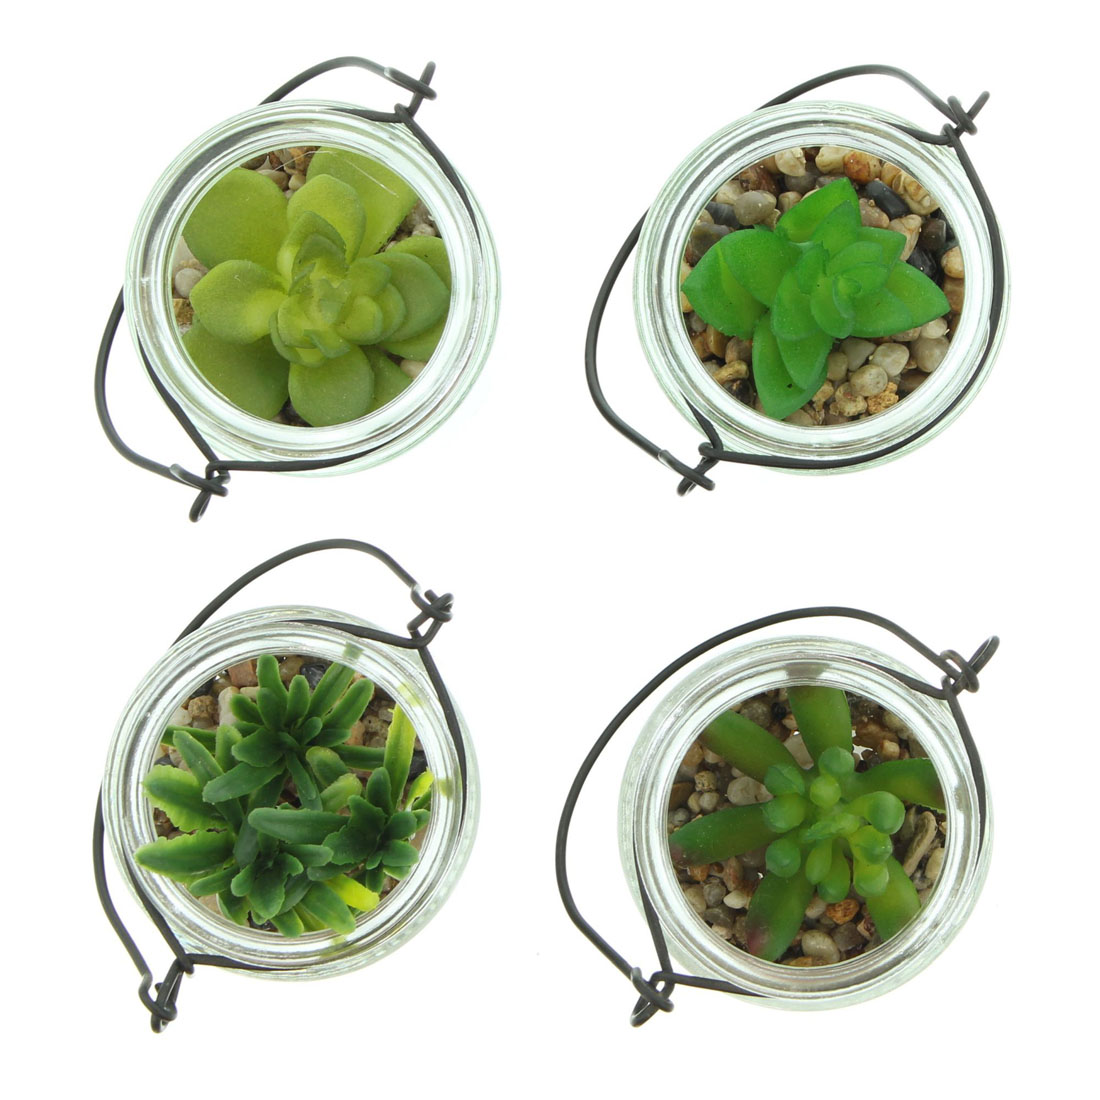 """Декоративные растения """"Суккуленты в баночках"""", 4 штуки [06636],"""